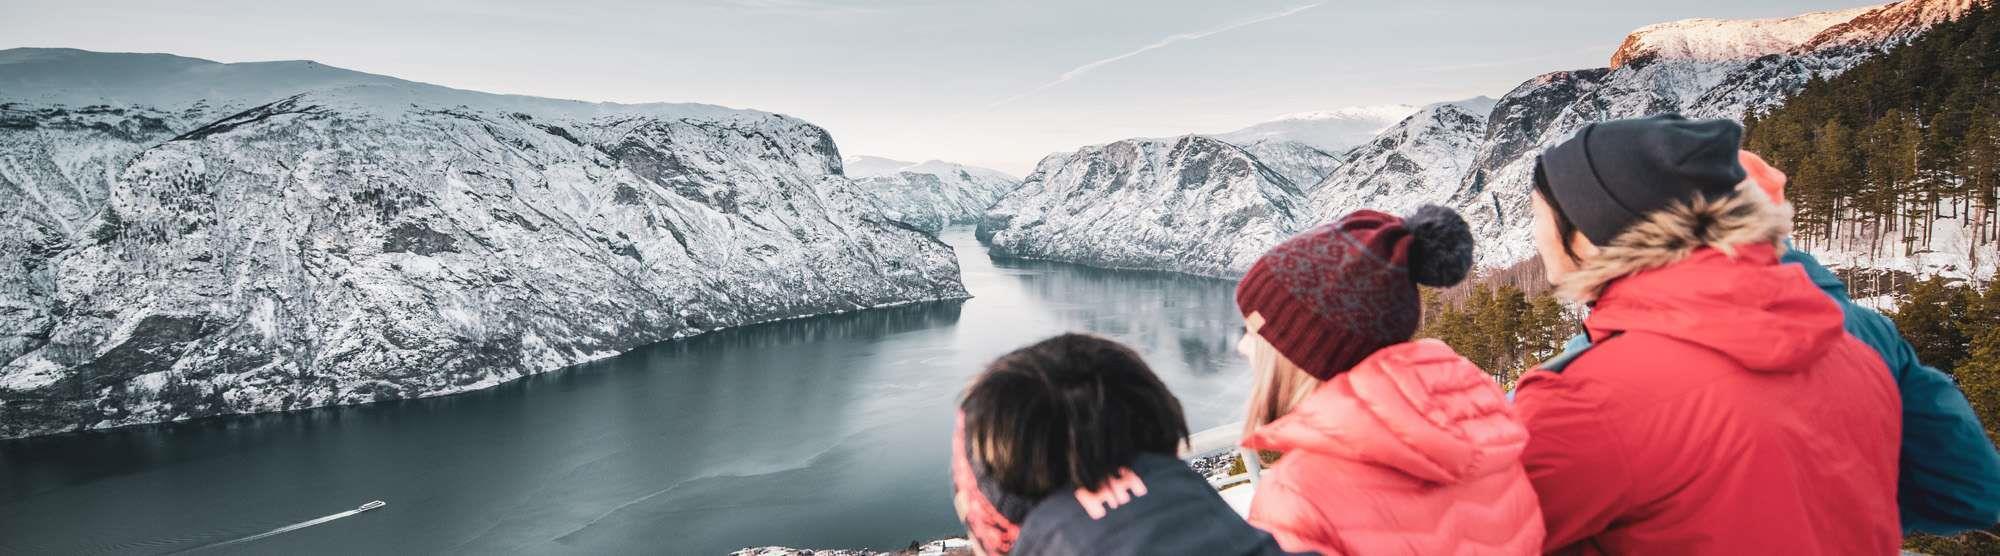 Ting å gjøre i Bergen